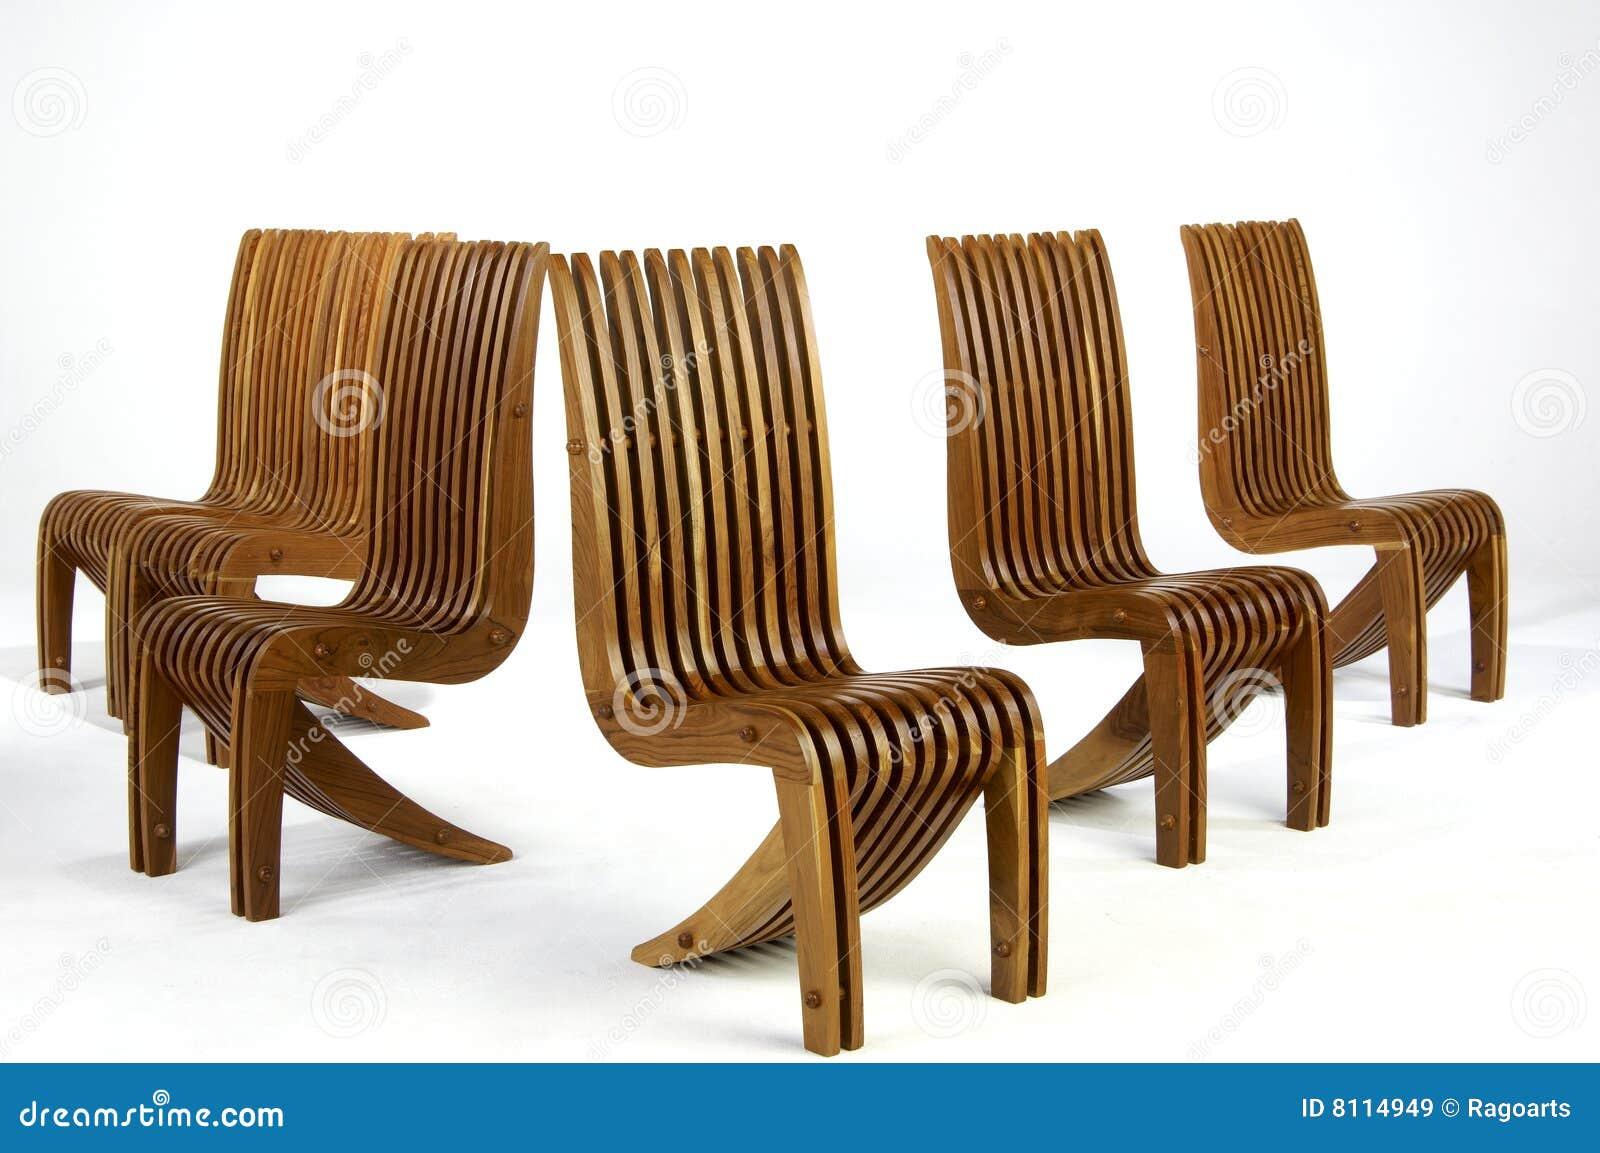 Cinco sillas laterales de madera del dise o moderno imagen for Tapizados de sillas modernas